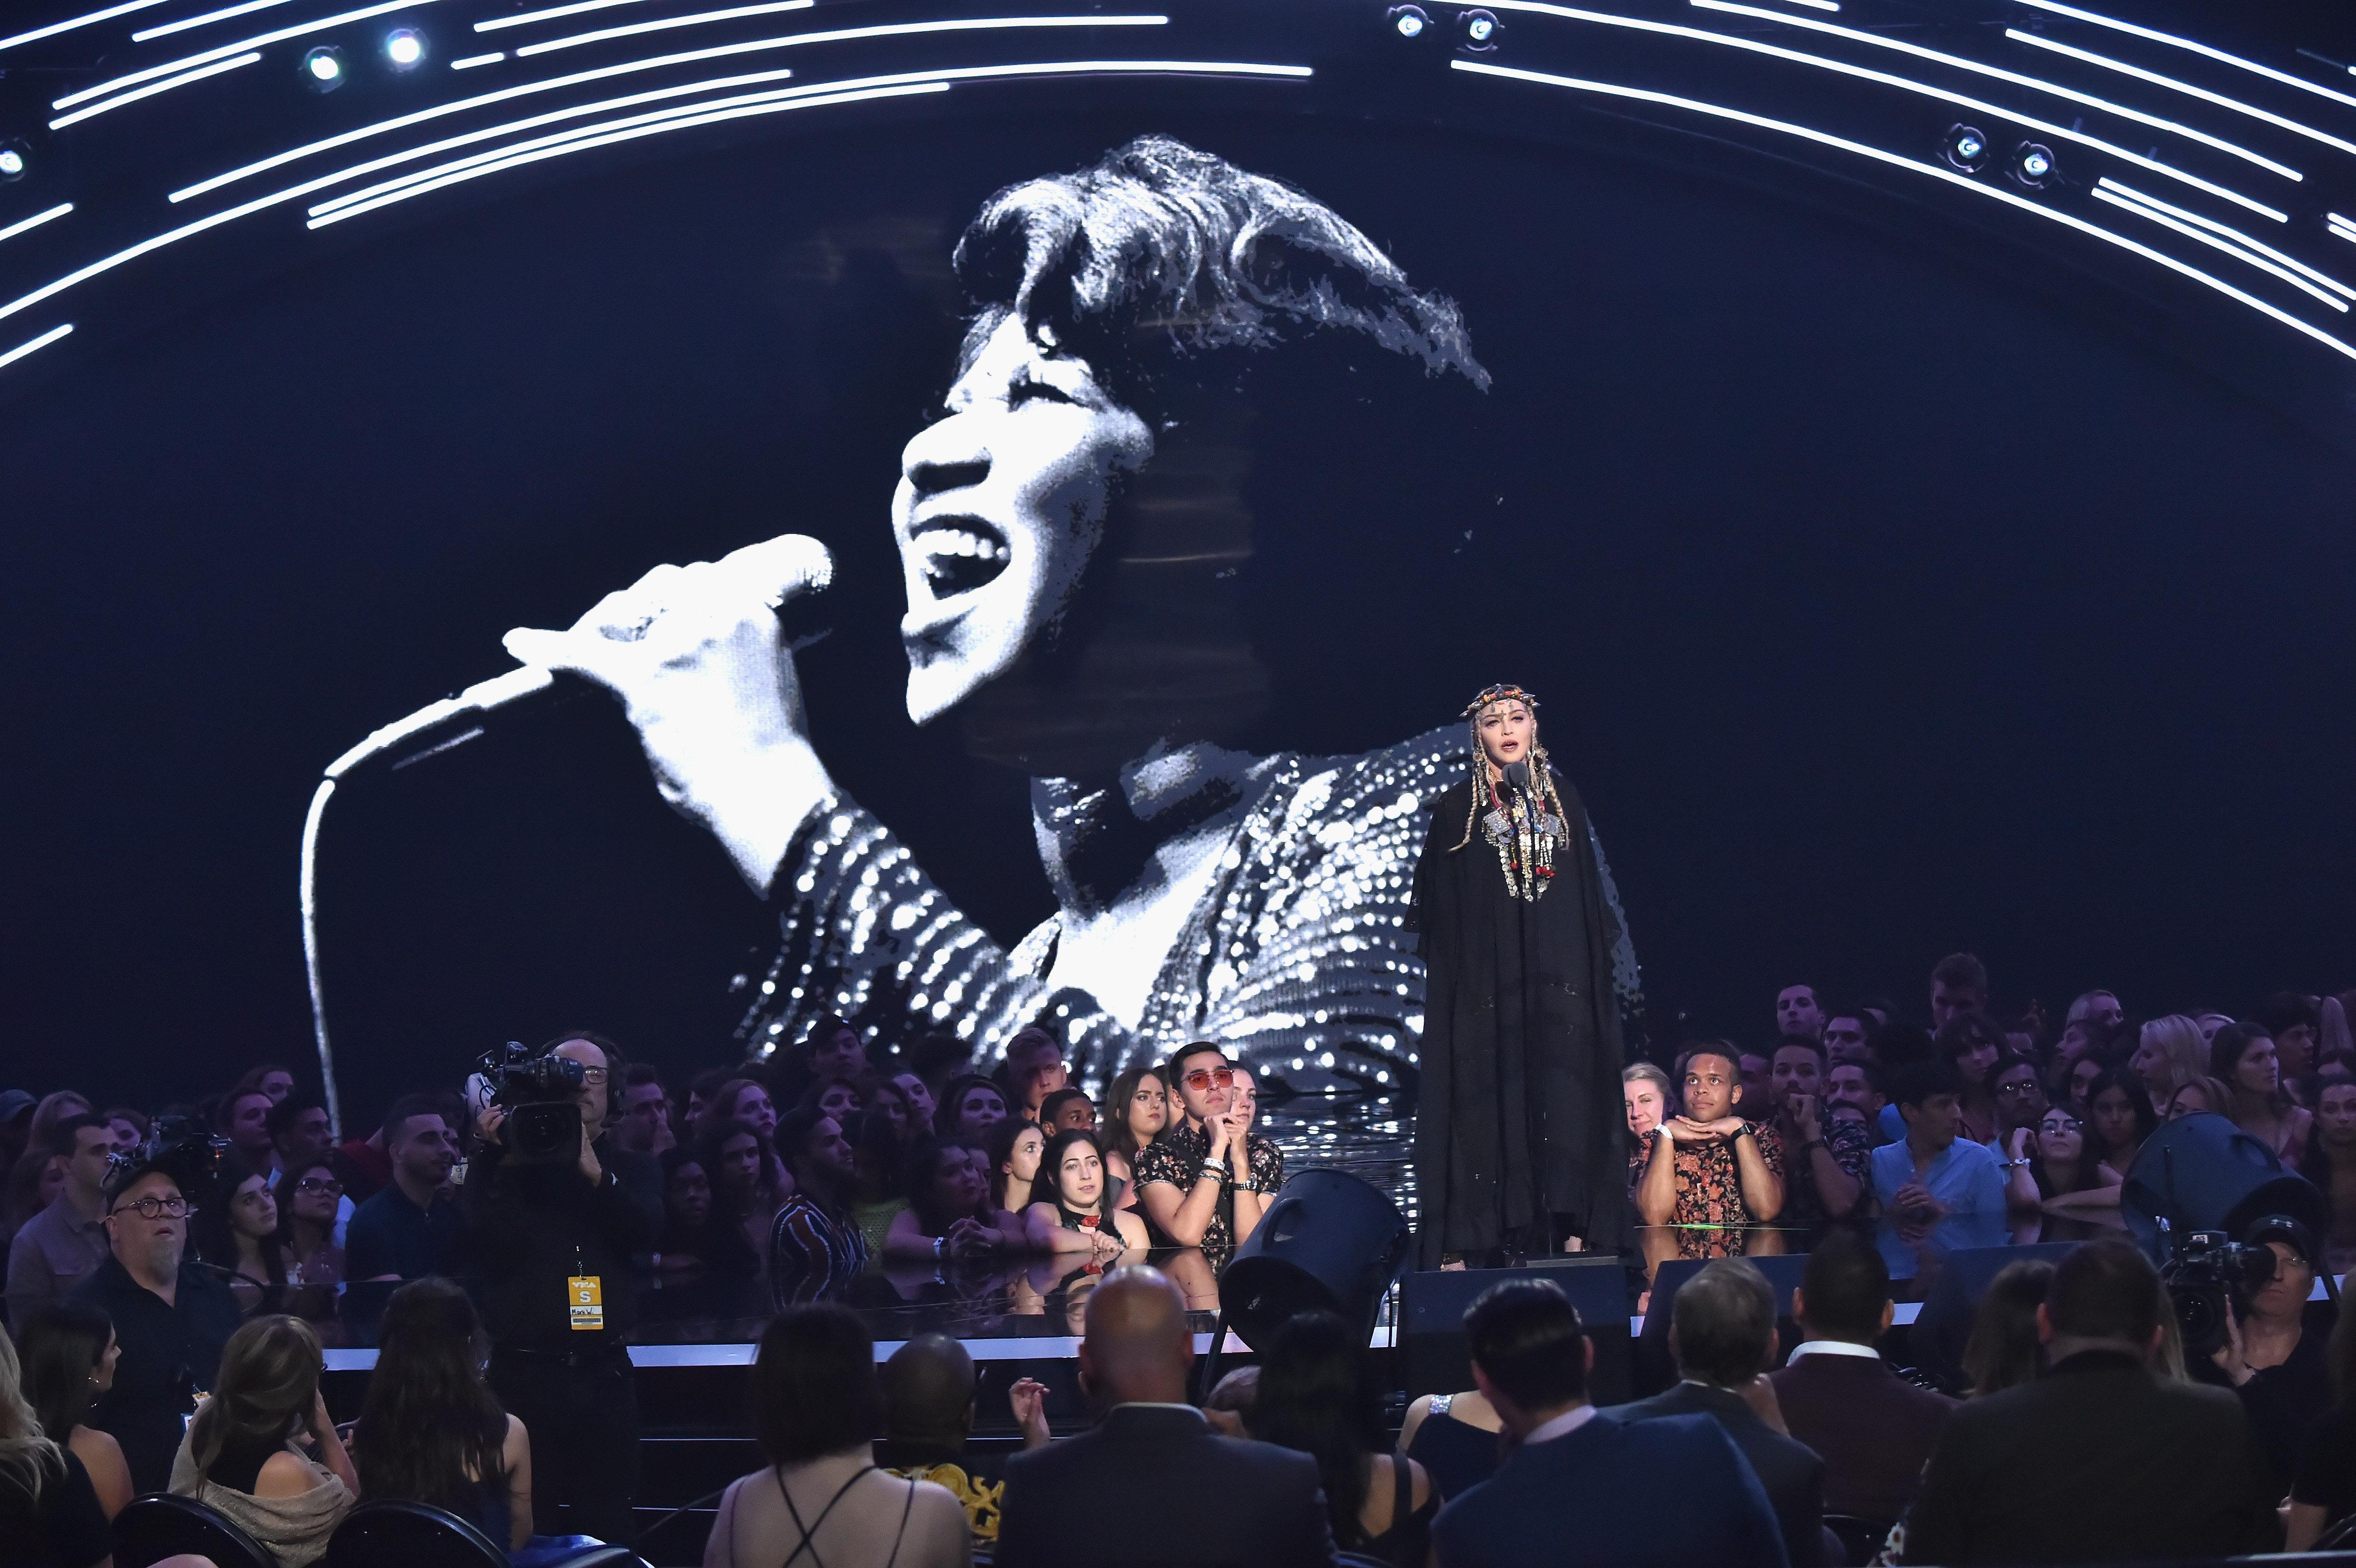 Βραβεία MTV: Γιατί όλοι τα έχουν βάλει με την Μαντόνα